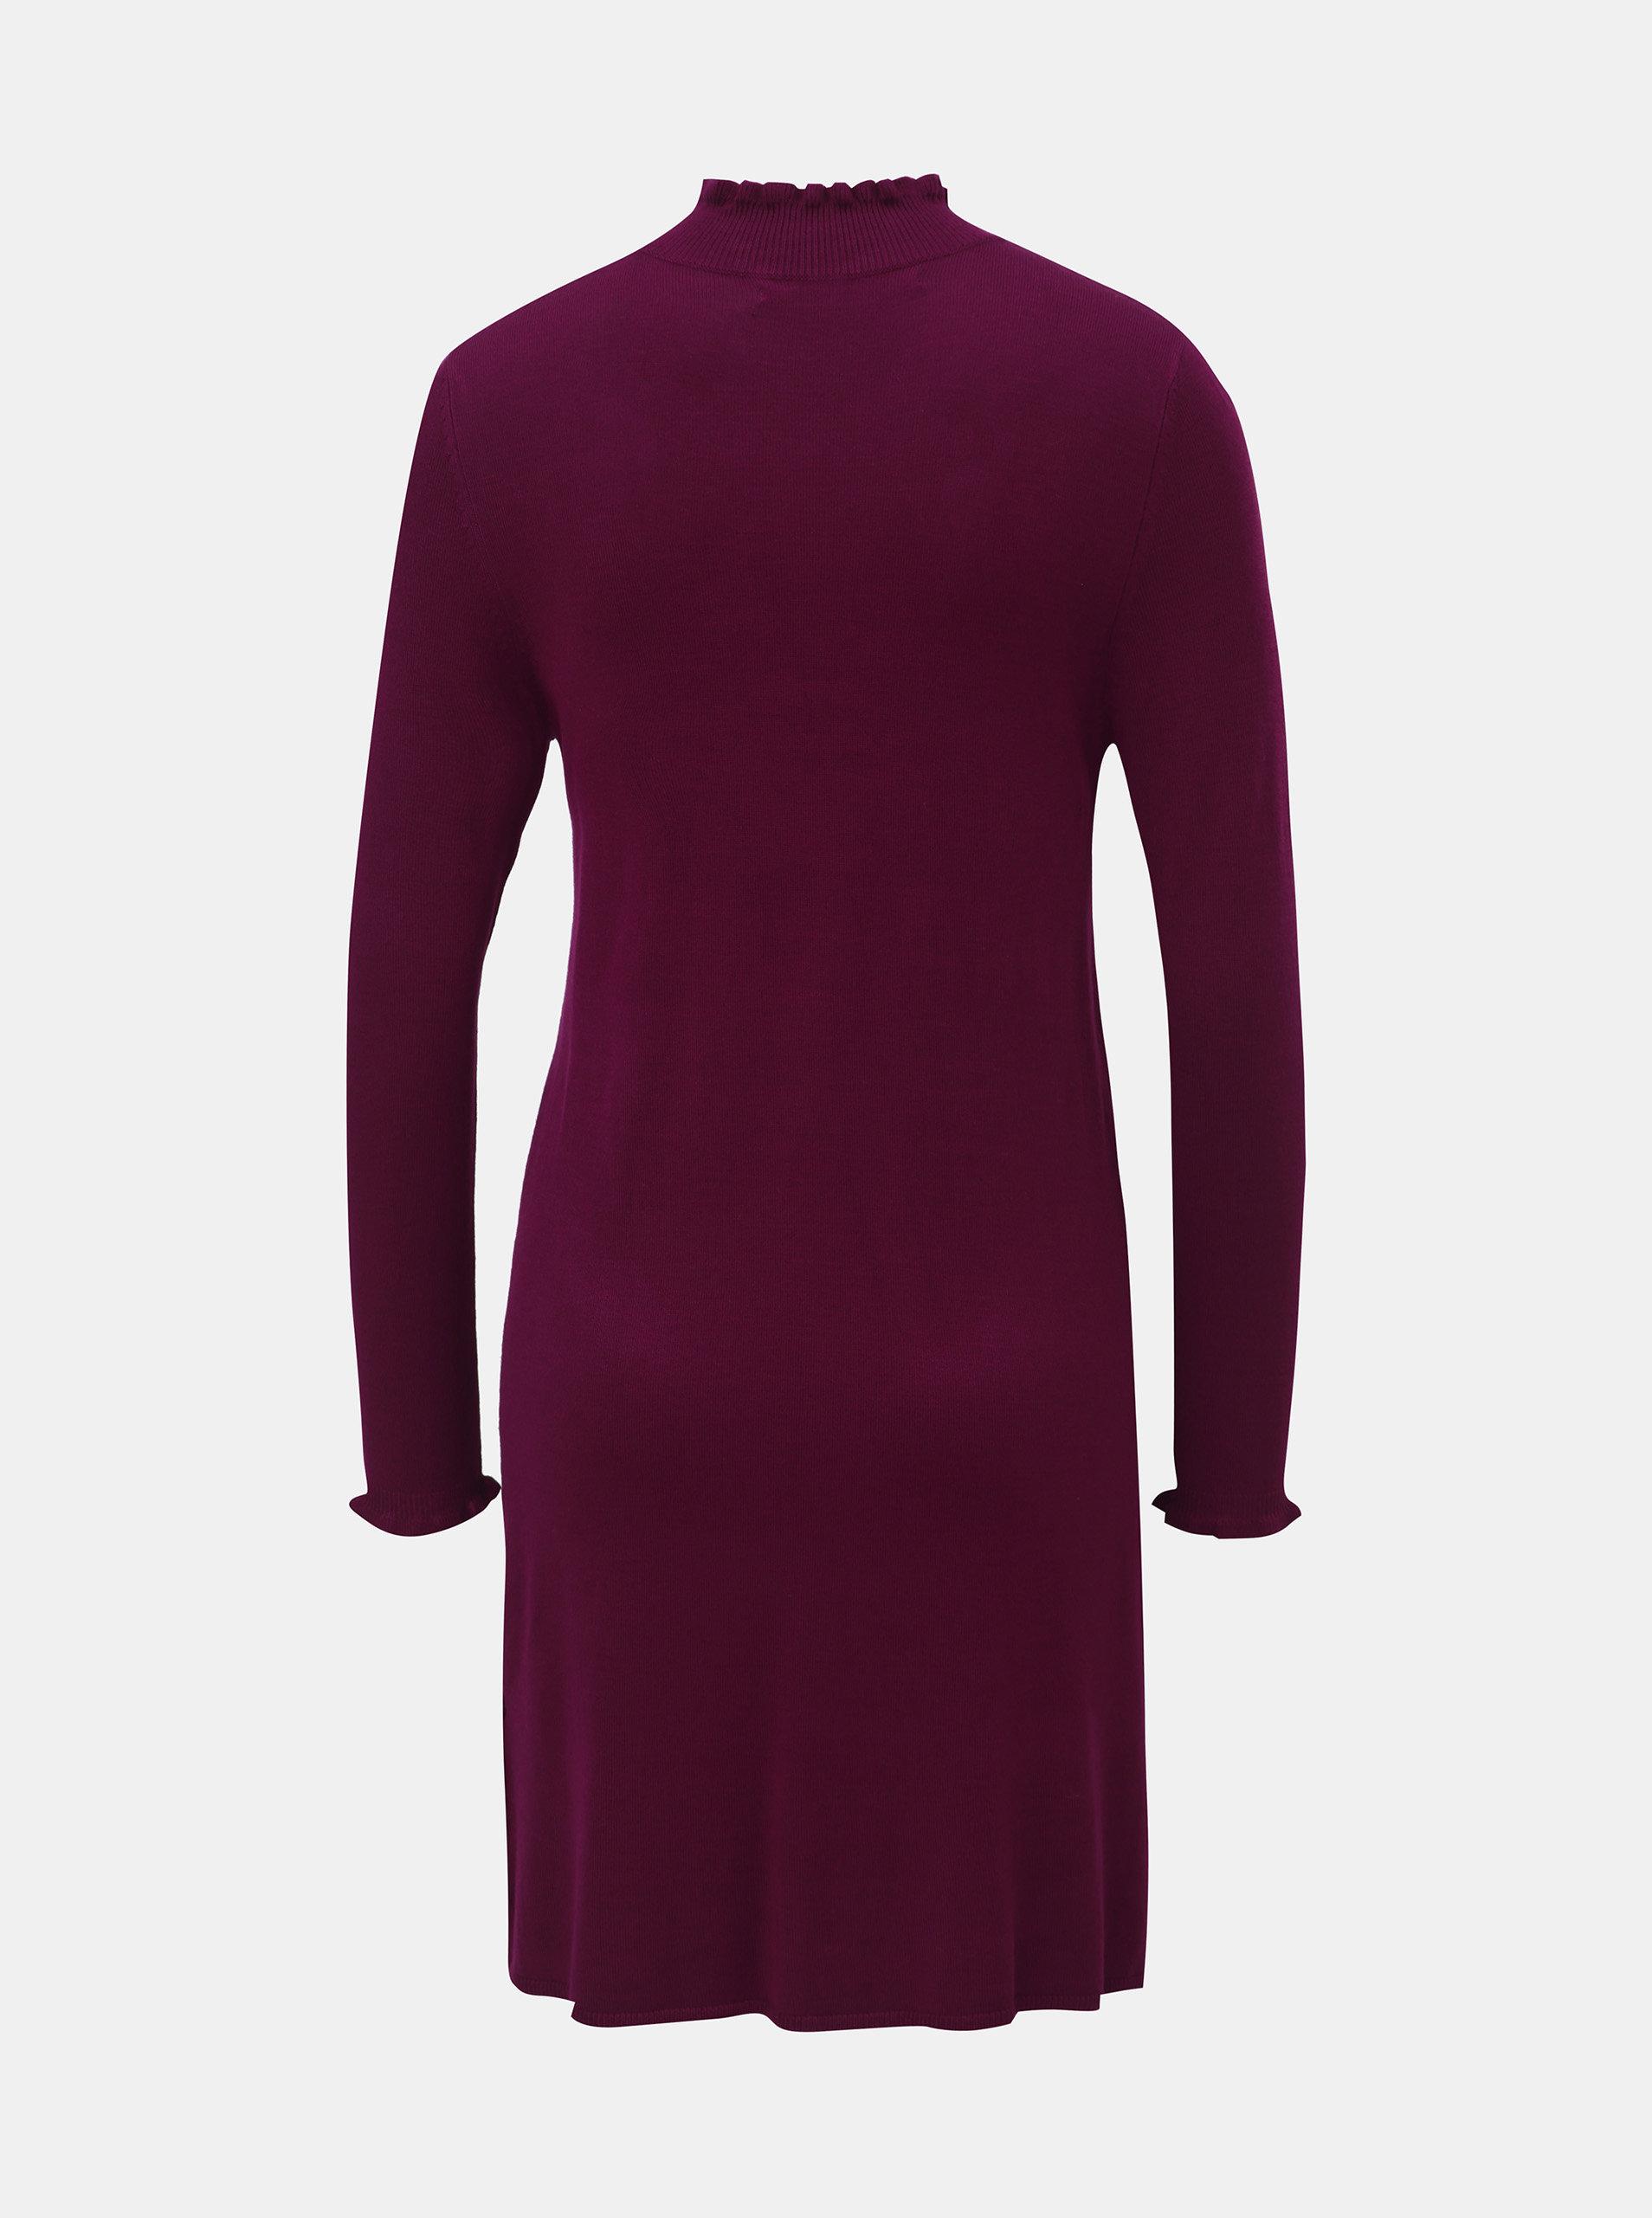 722f89452bea Tmavě růžové svetrové šaty se stojáčkem ONLY Mila ...